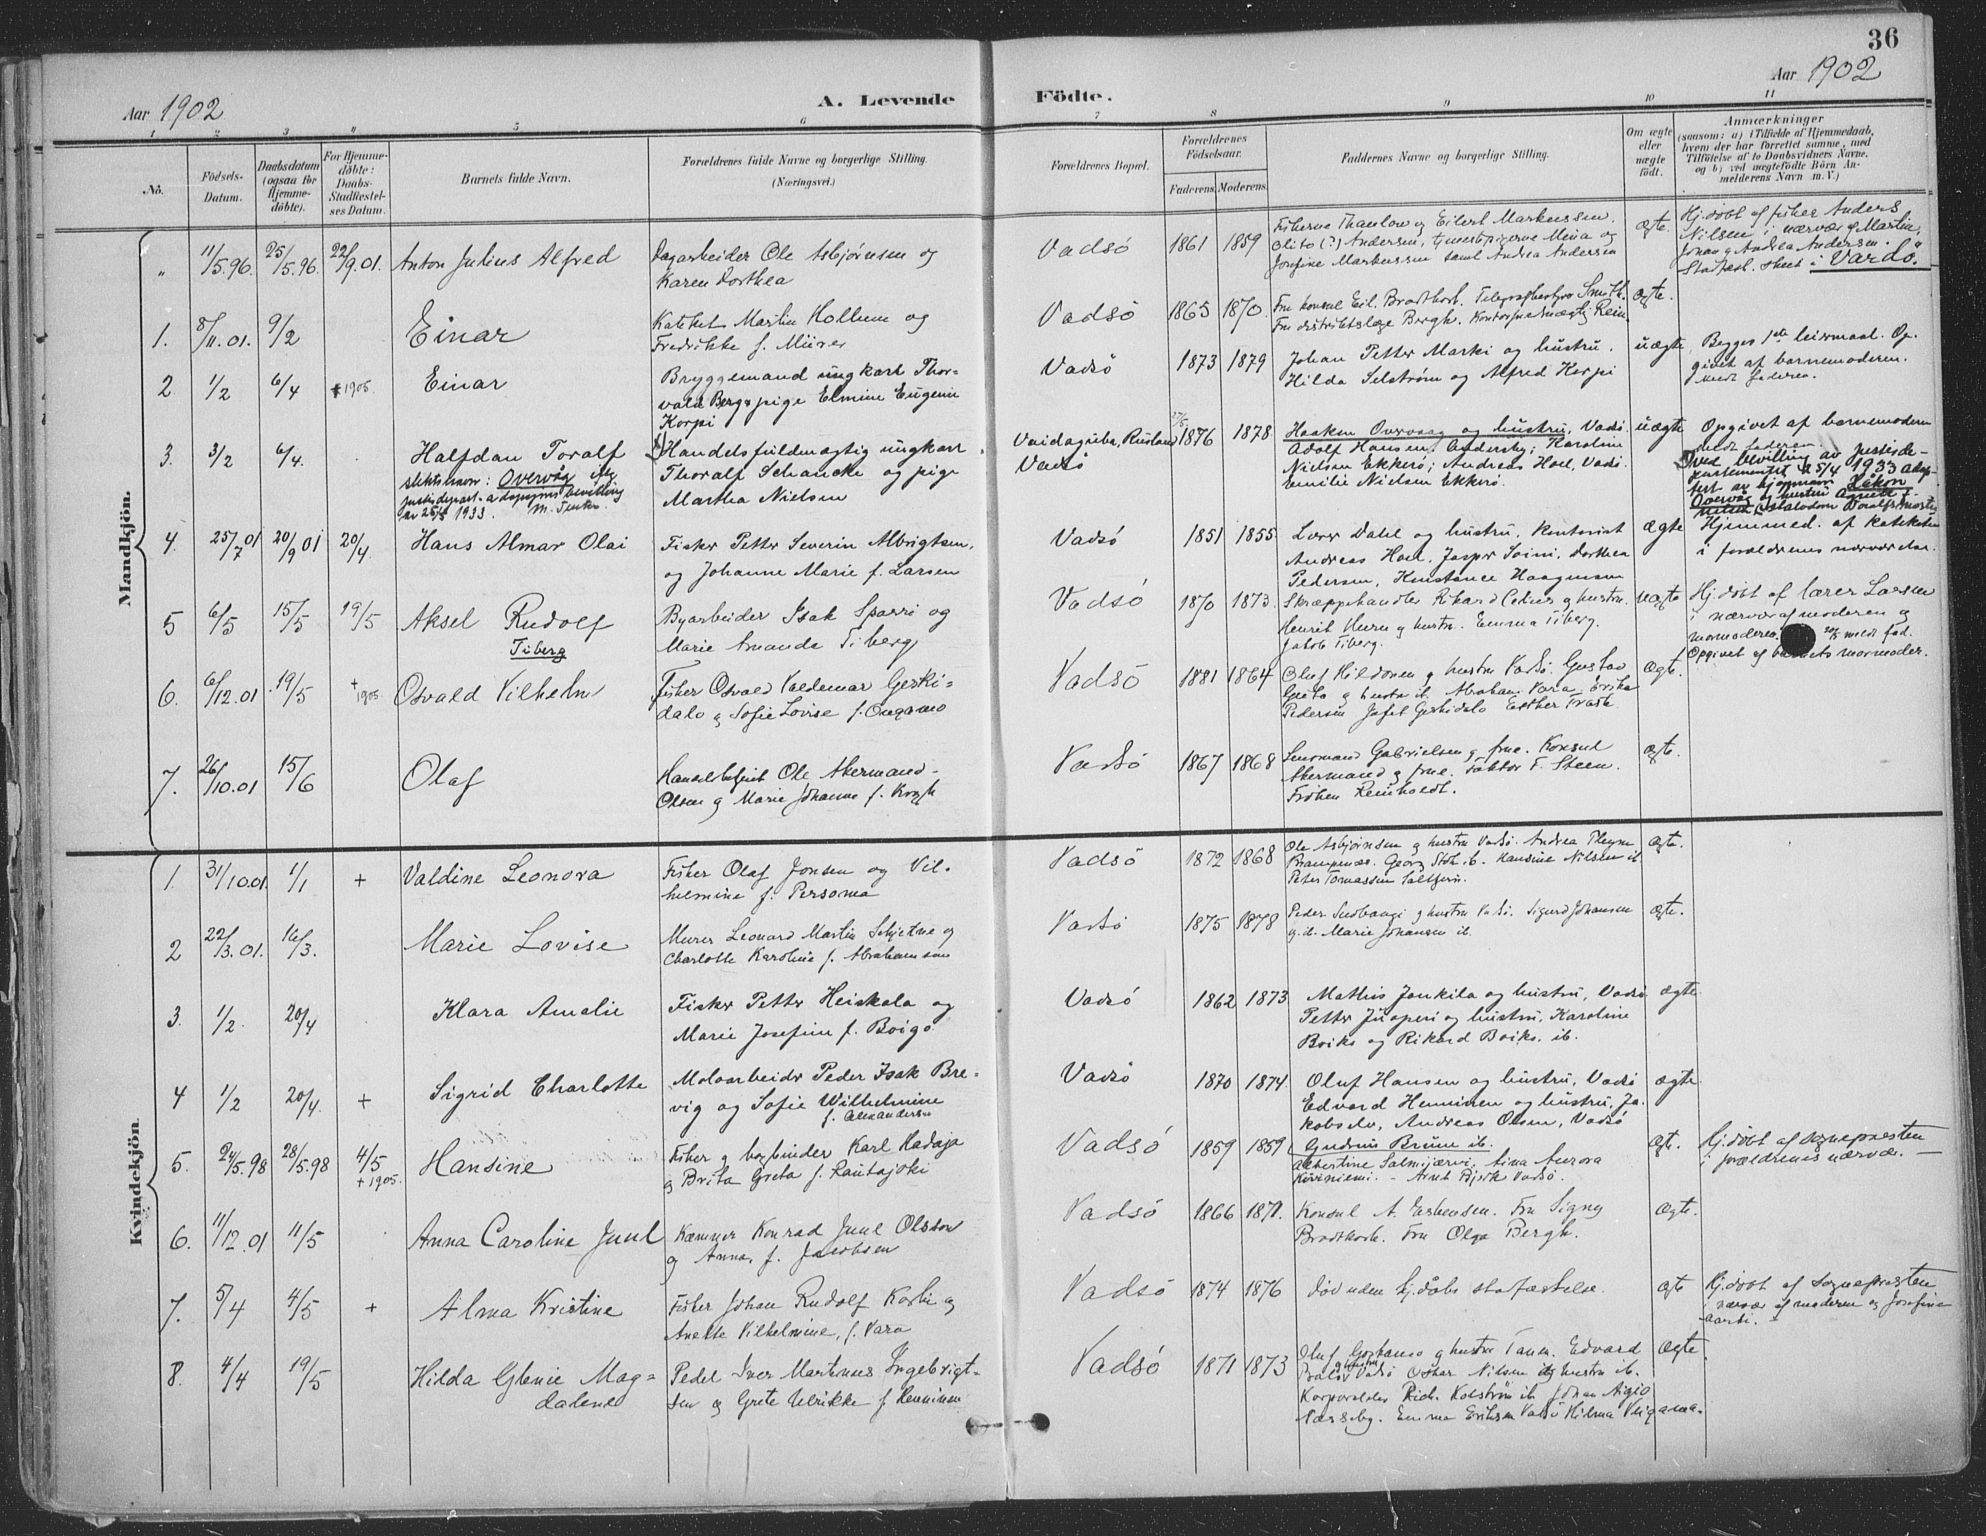 SATØ, Vadsø sokneprestkontor, H/Ha/L0007kirke: Ministerialbok nr. 7, 1896-1916, s. 36